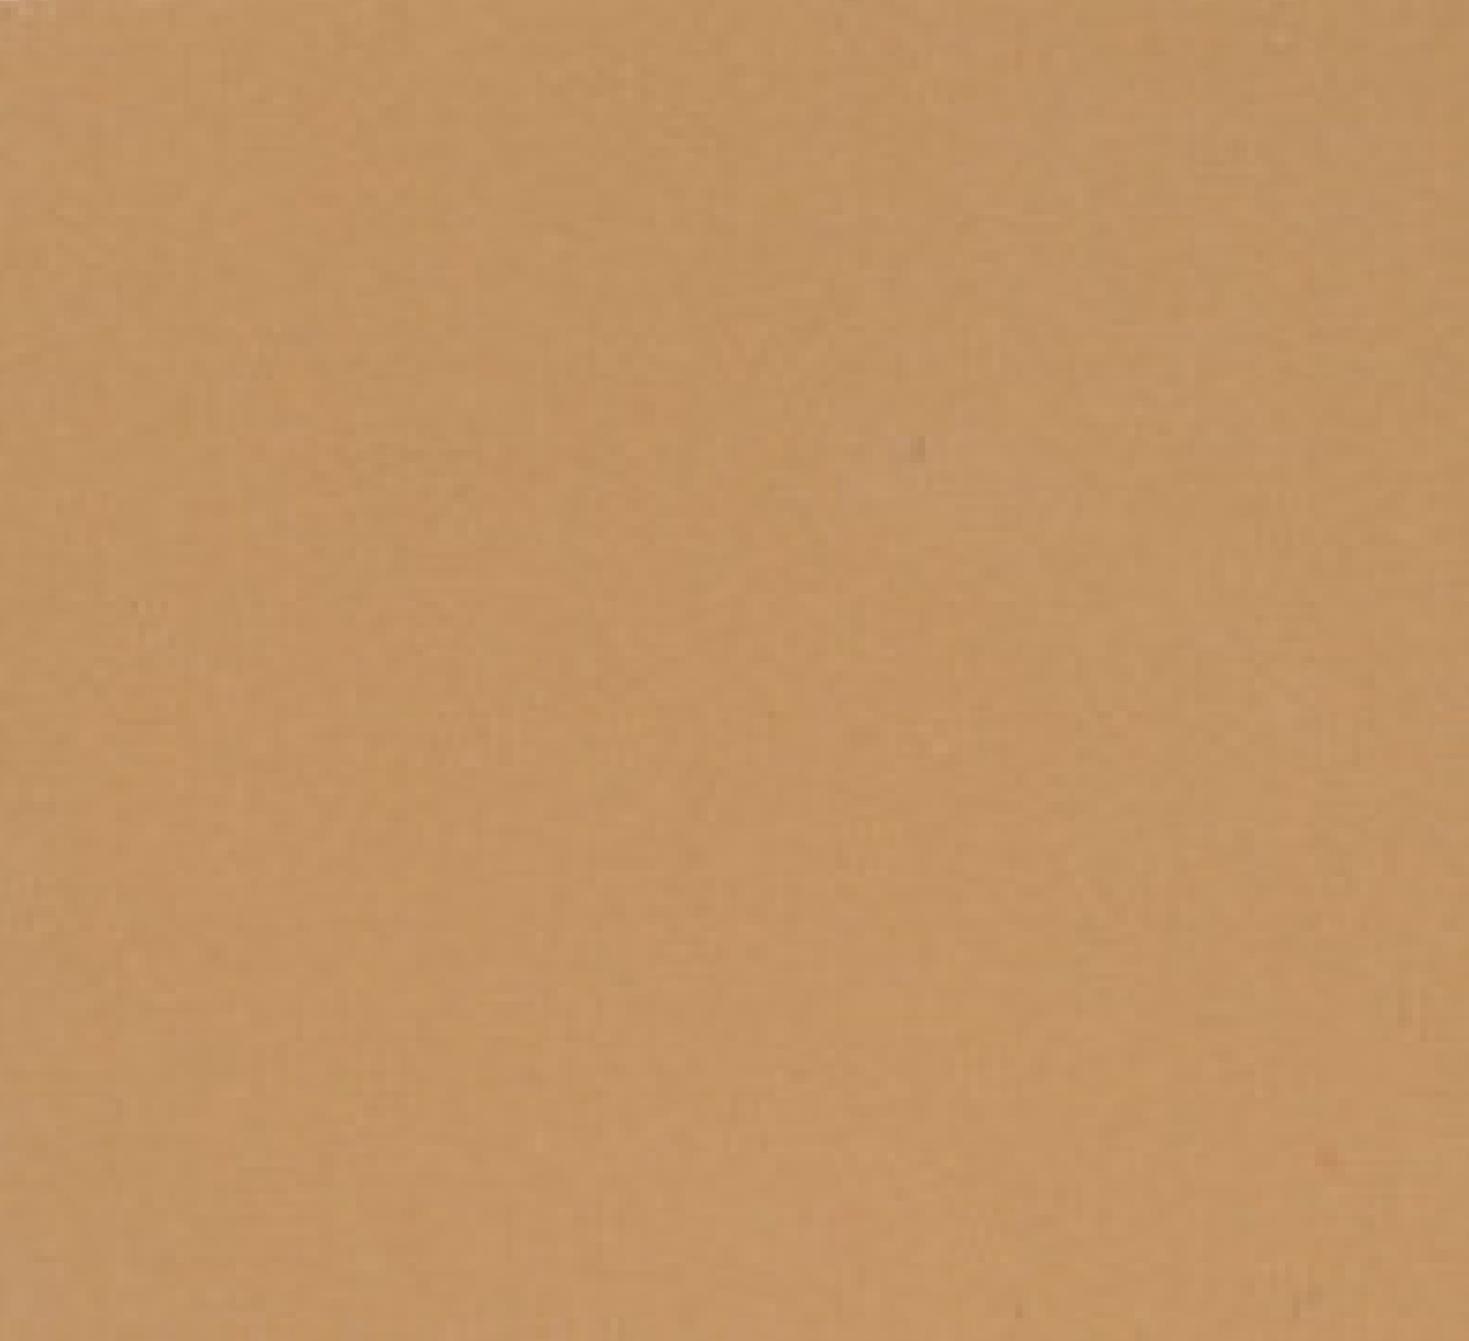 Simplicity Tan 141